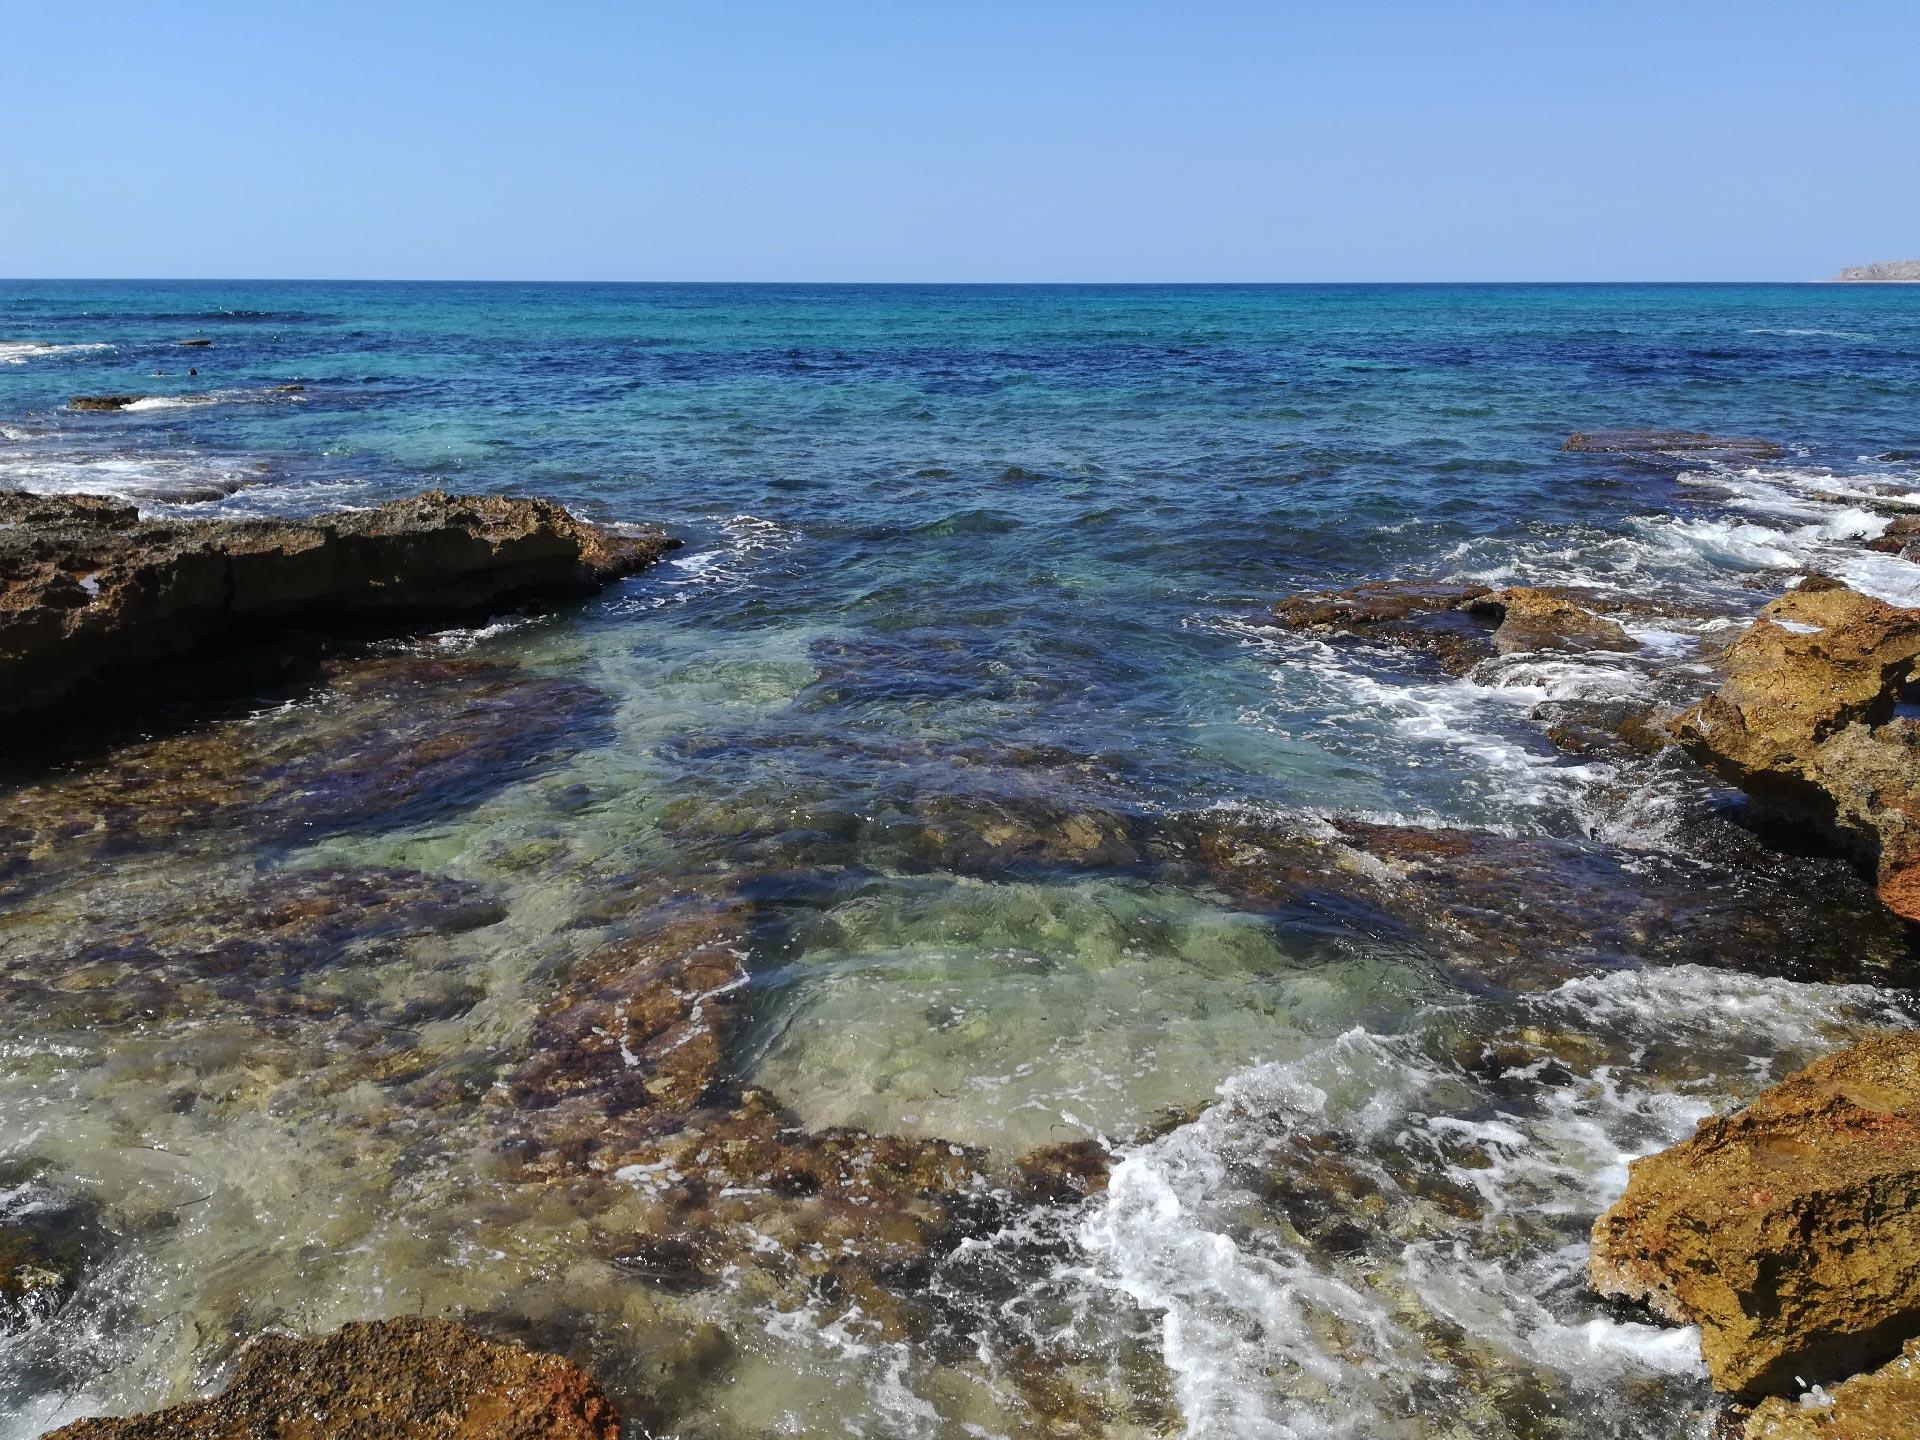 baia di Santa Margherita, scogli e mare, Trapani, Sicilia